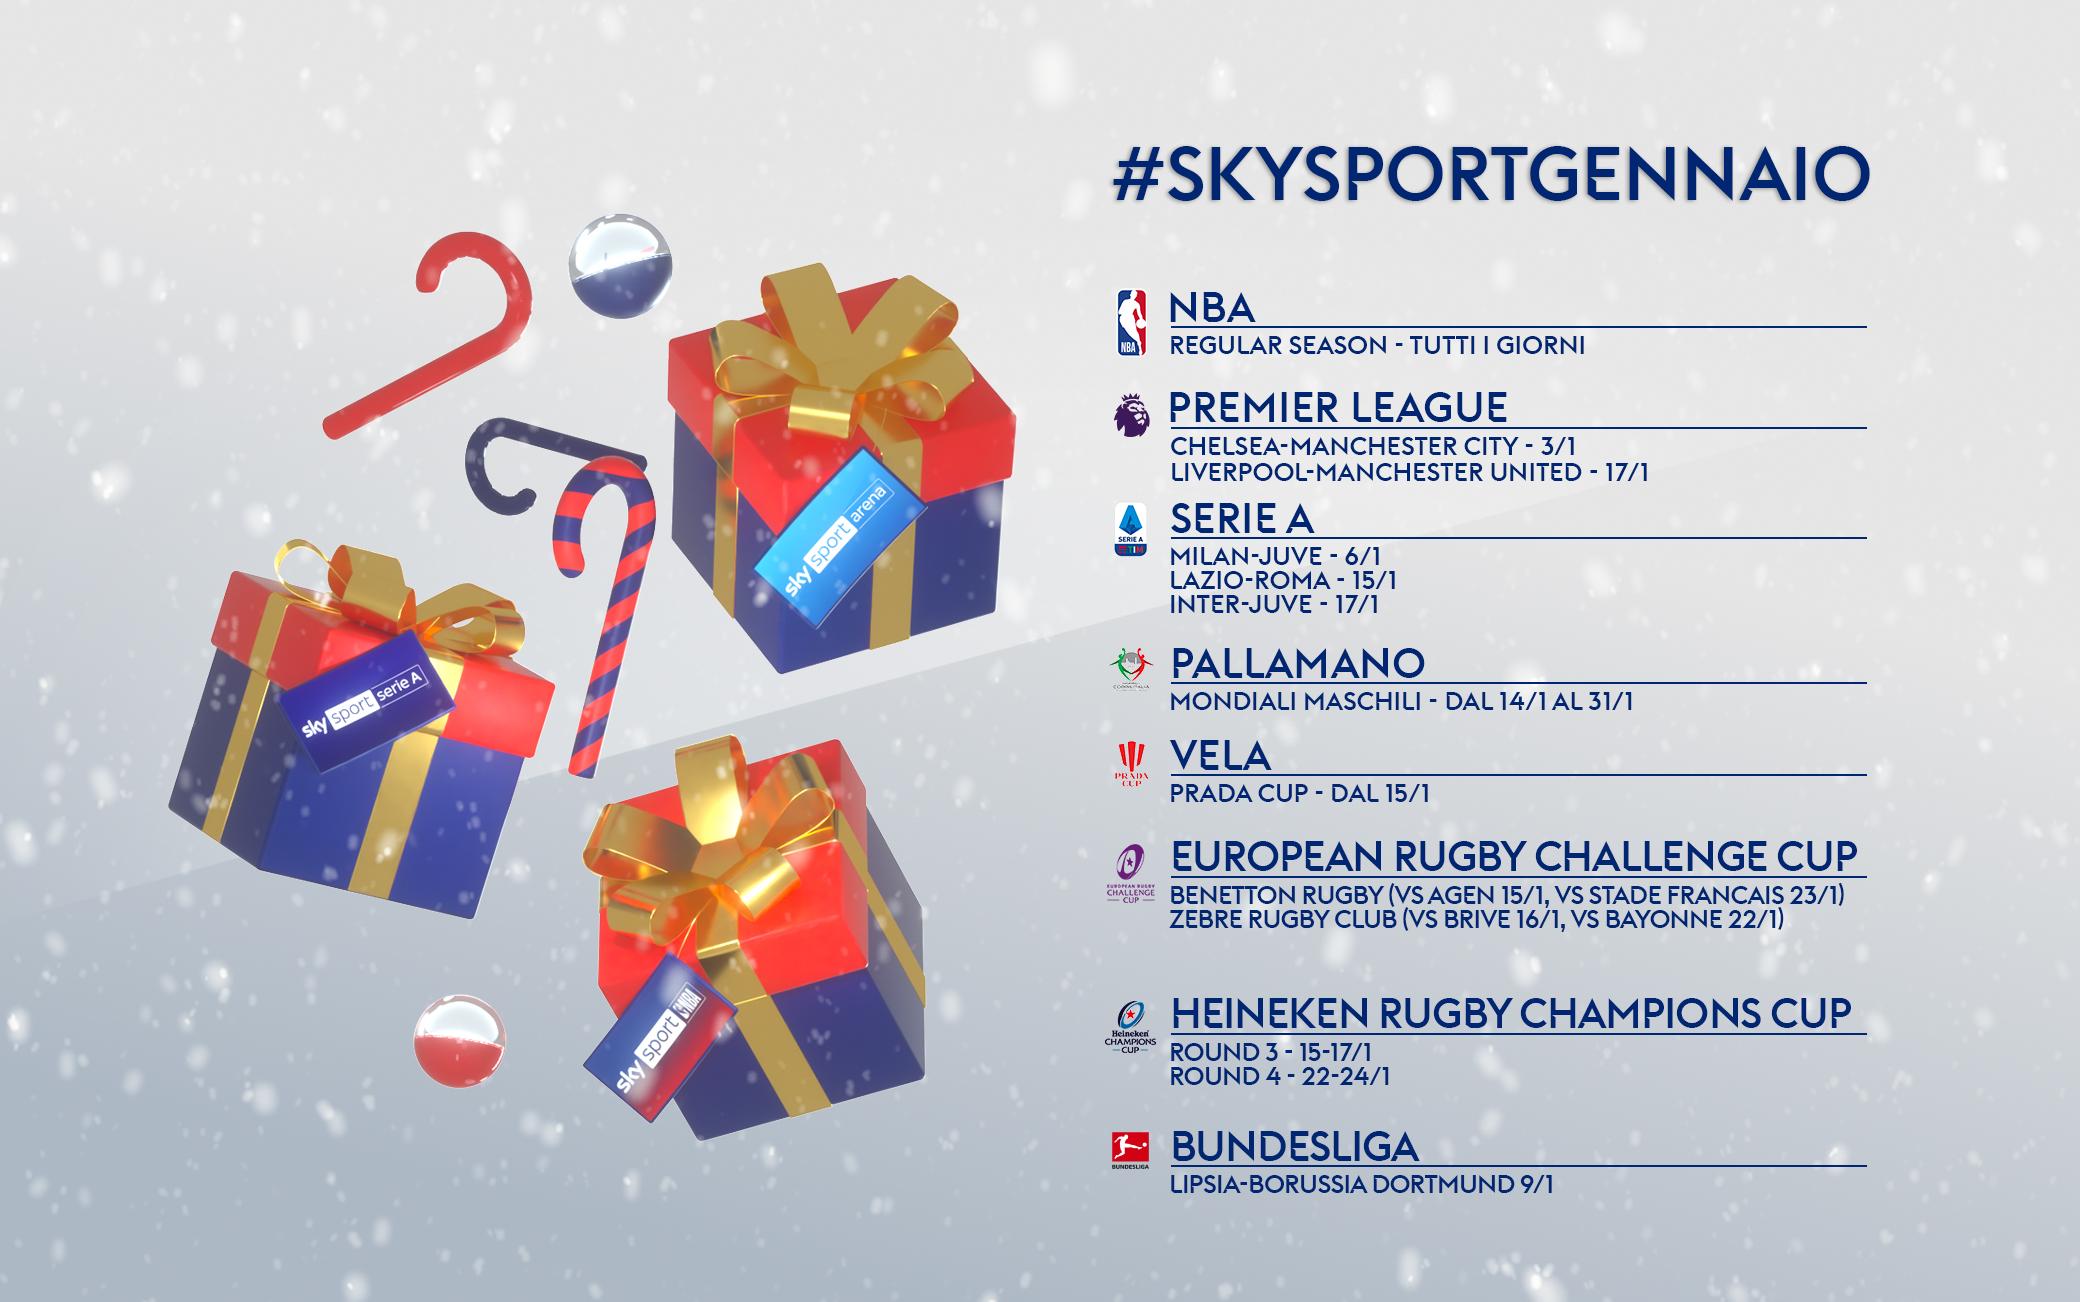 Gennaio 2021 su Sky Sport, tanti gli eventi da non perdere